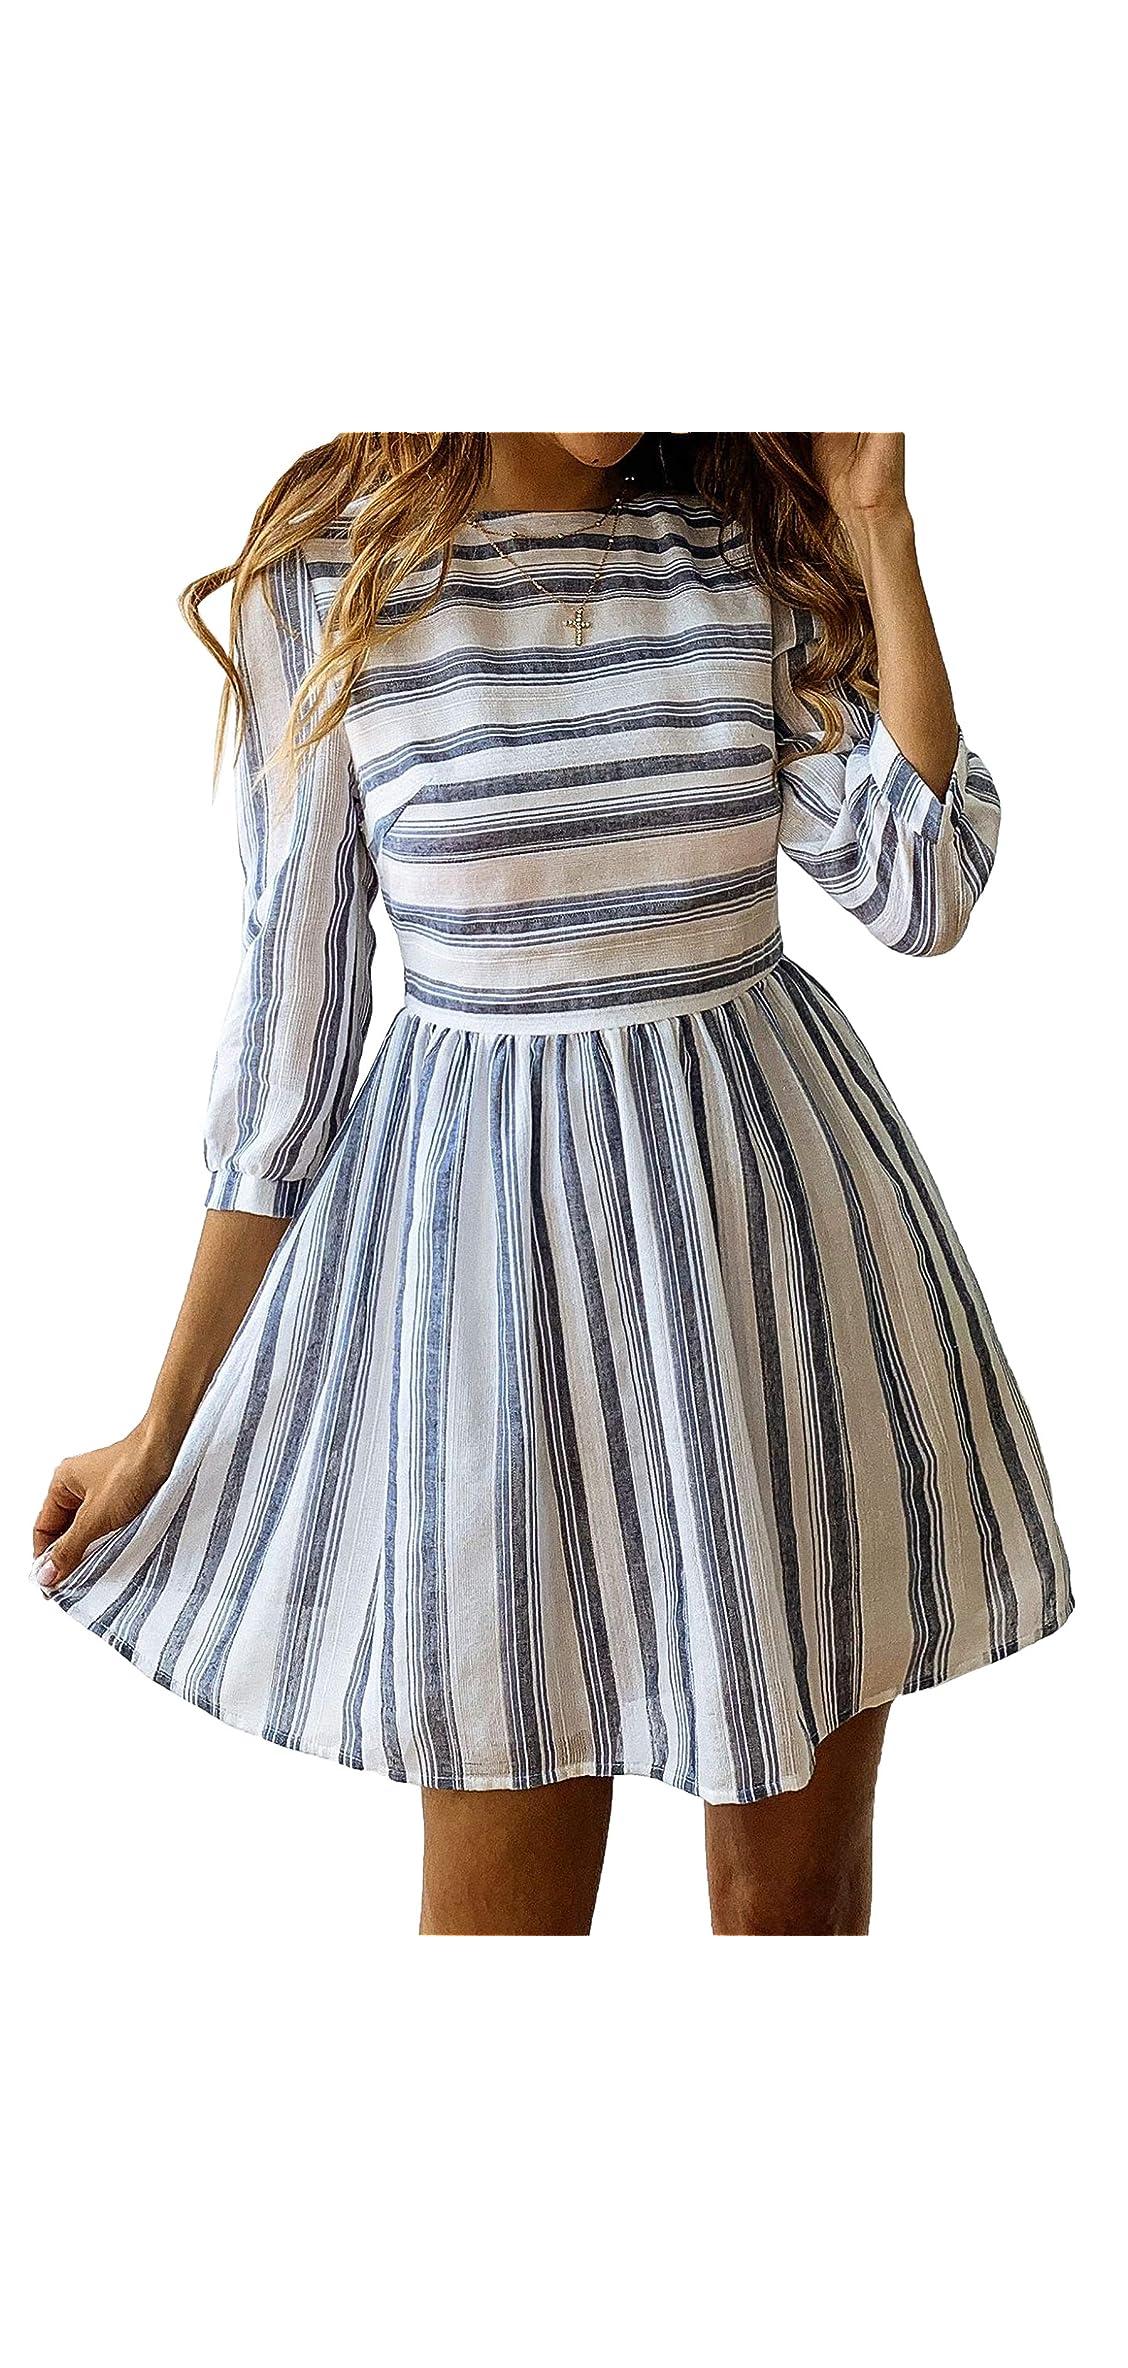 Womens A Line / Sleeves Striped Dress High Waist Scoop